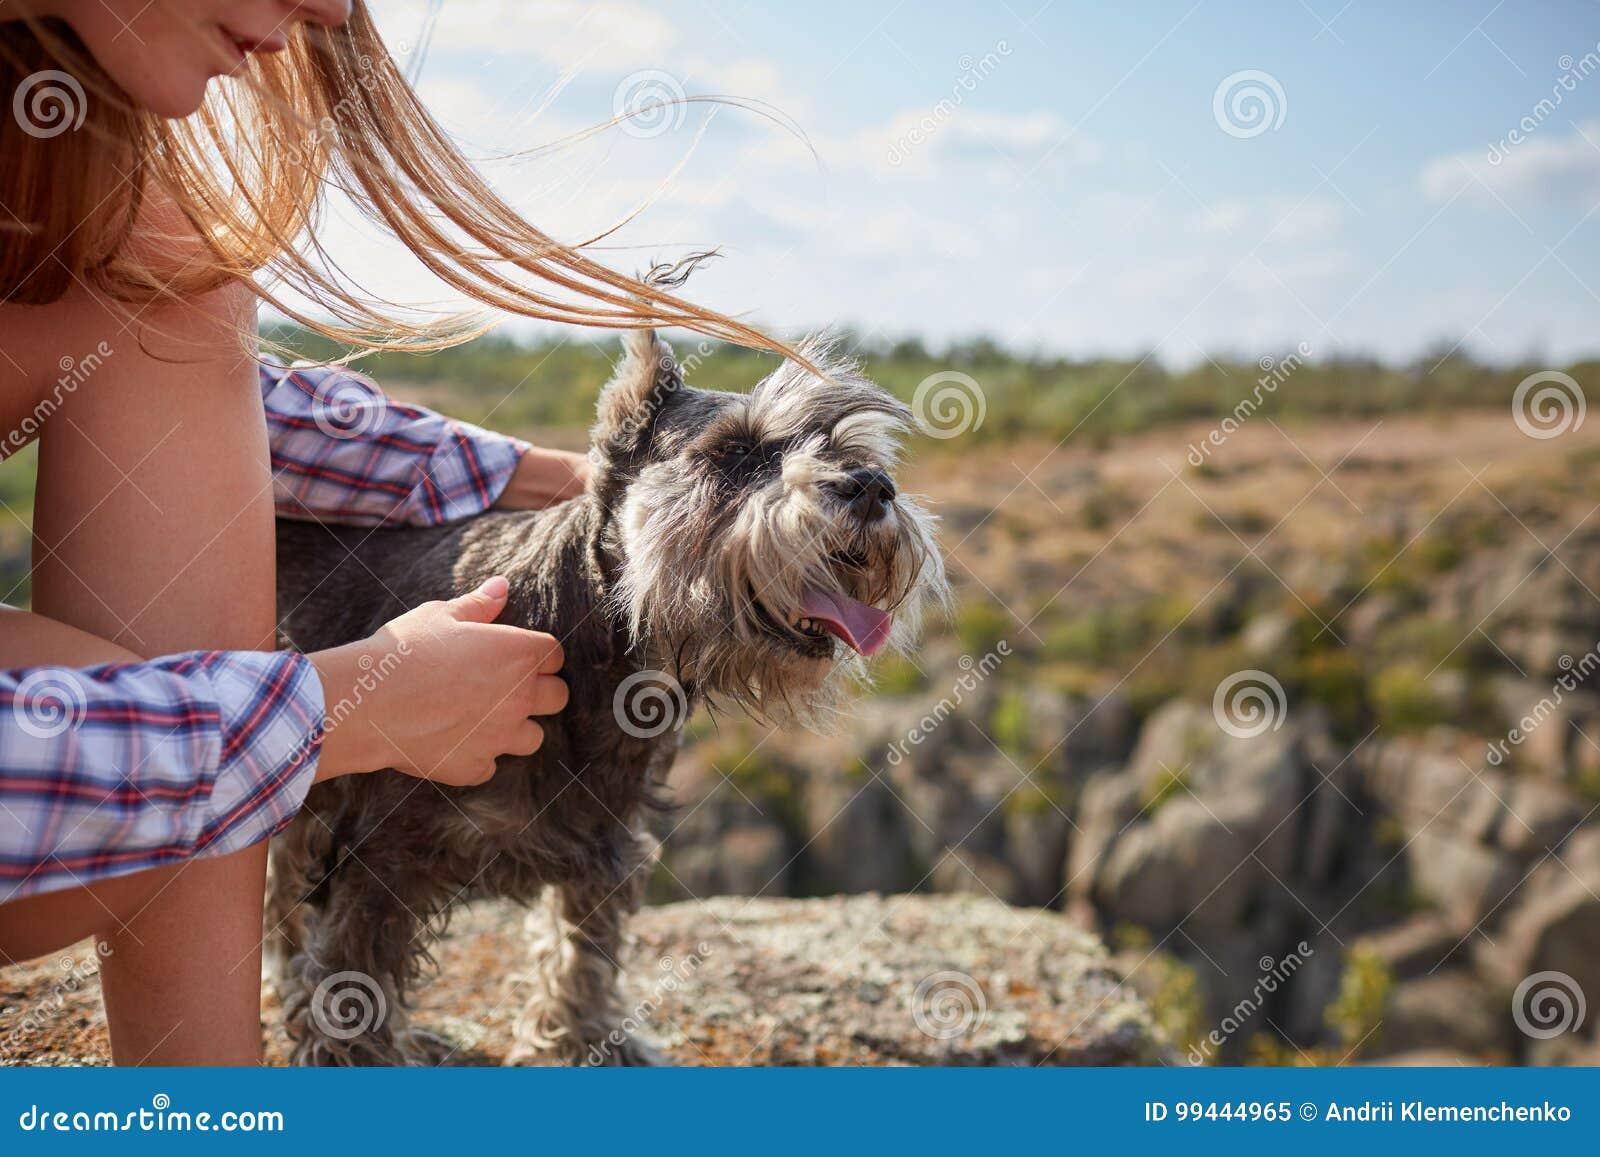 Una chica joven que acaricia su perro en un fondo natural borroso Un pequeño perro en manos femeninas, primer